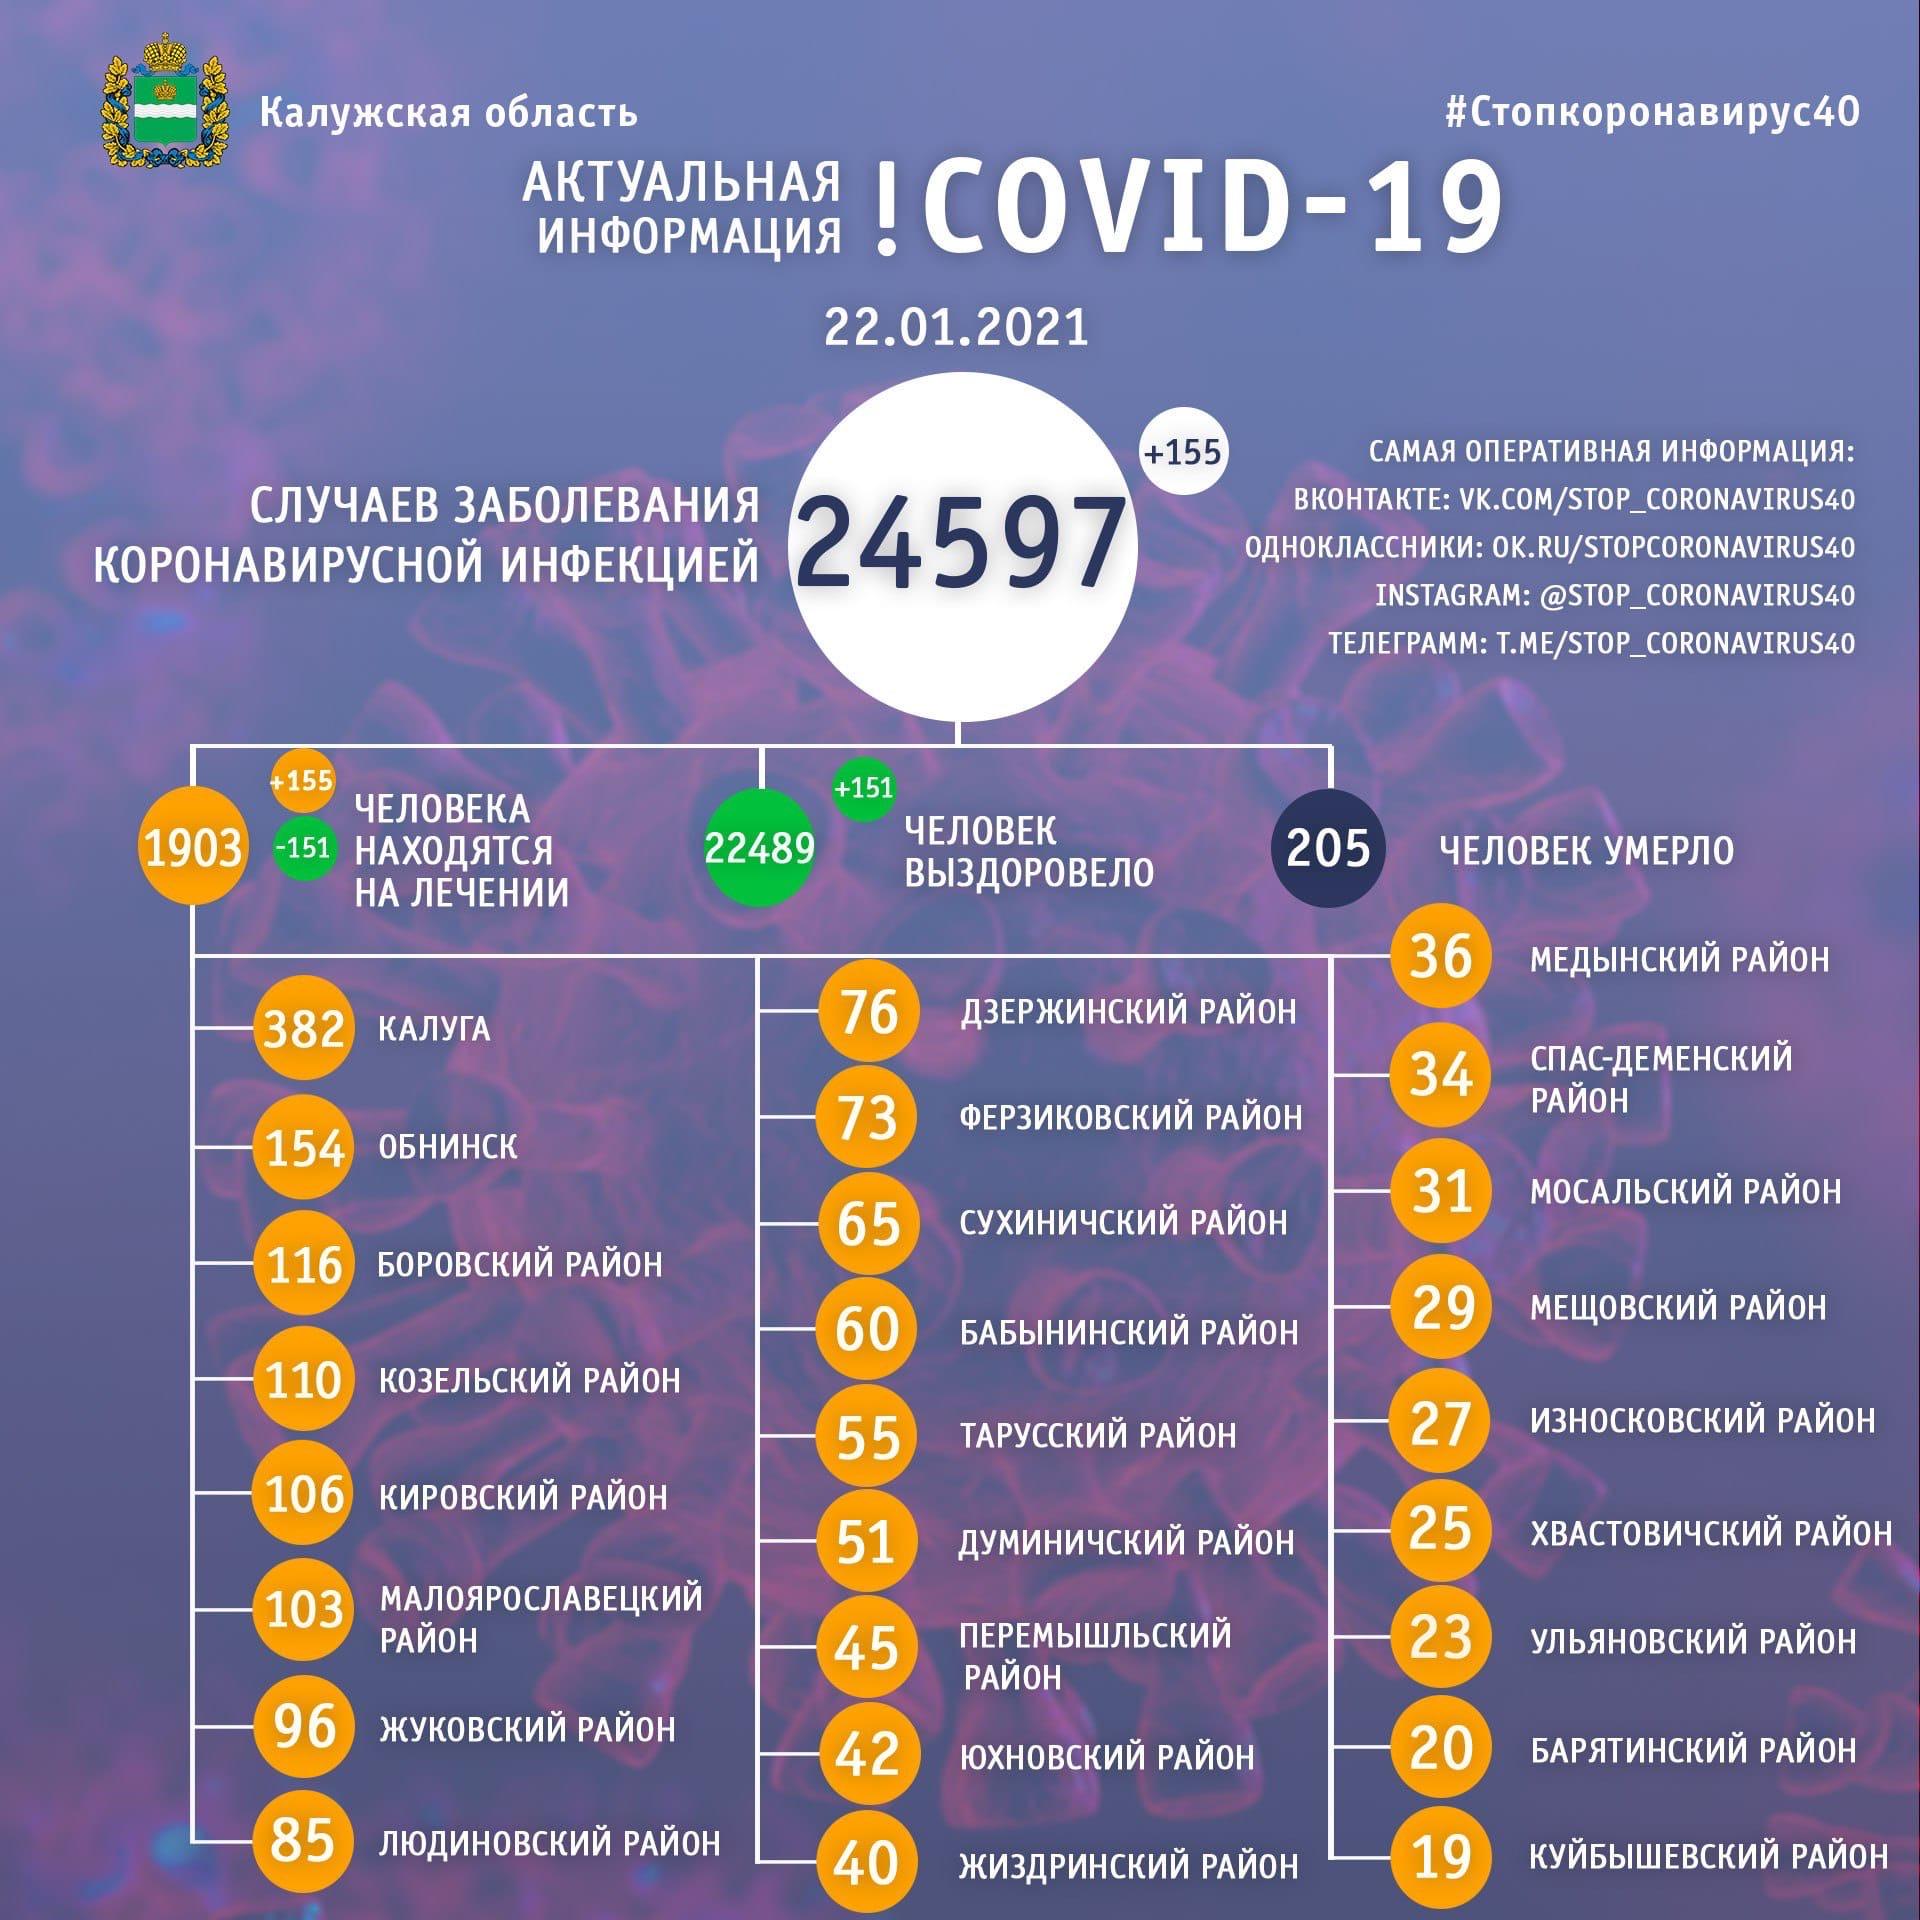 Официальная статистика по коронавирусу в Калужской области на 22 января 2021 года.